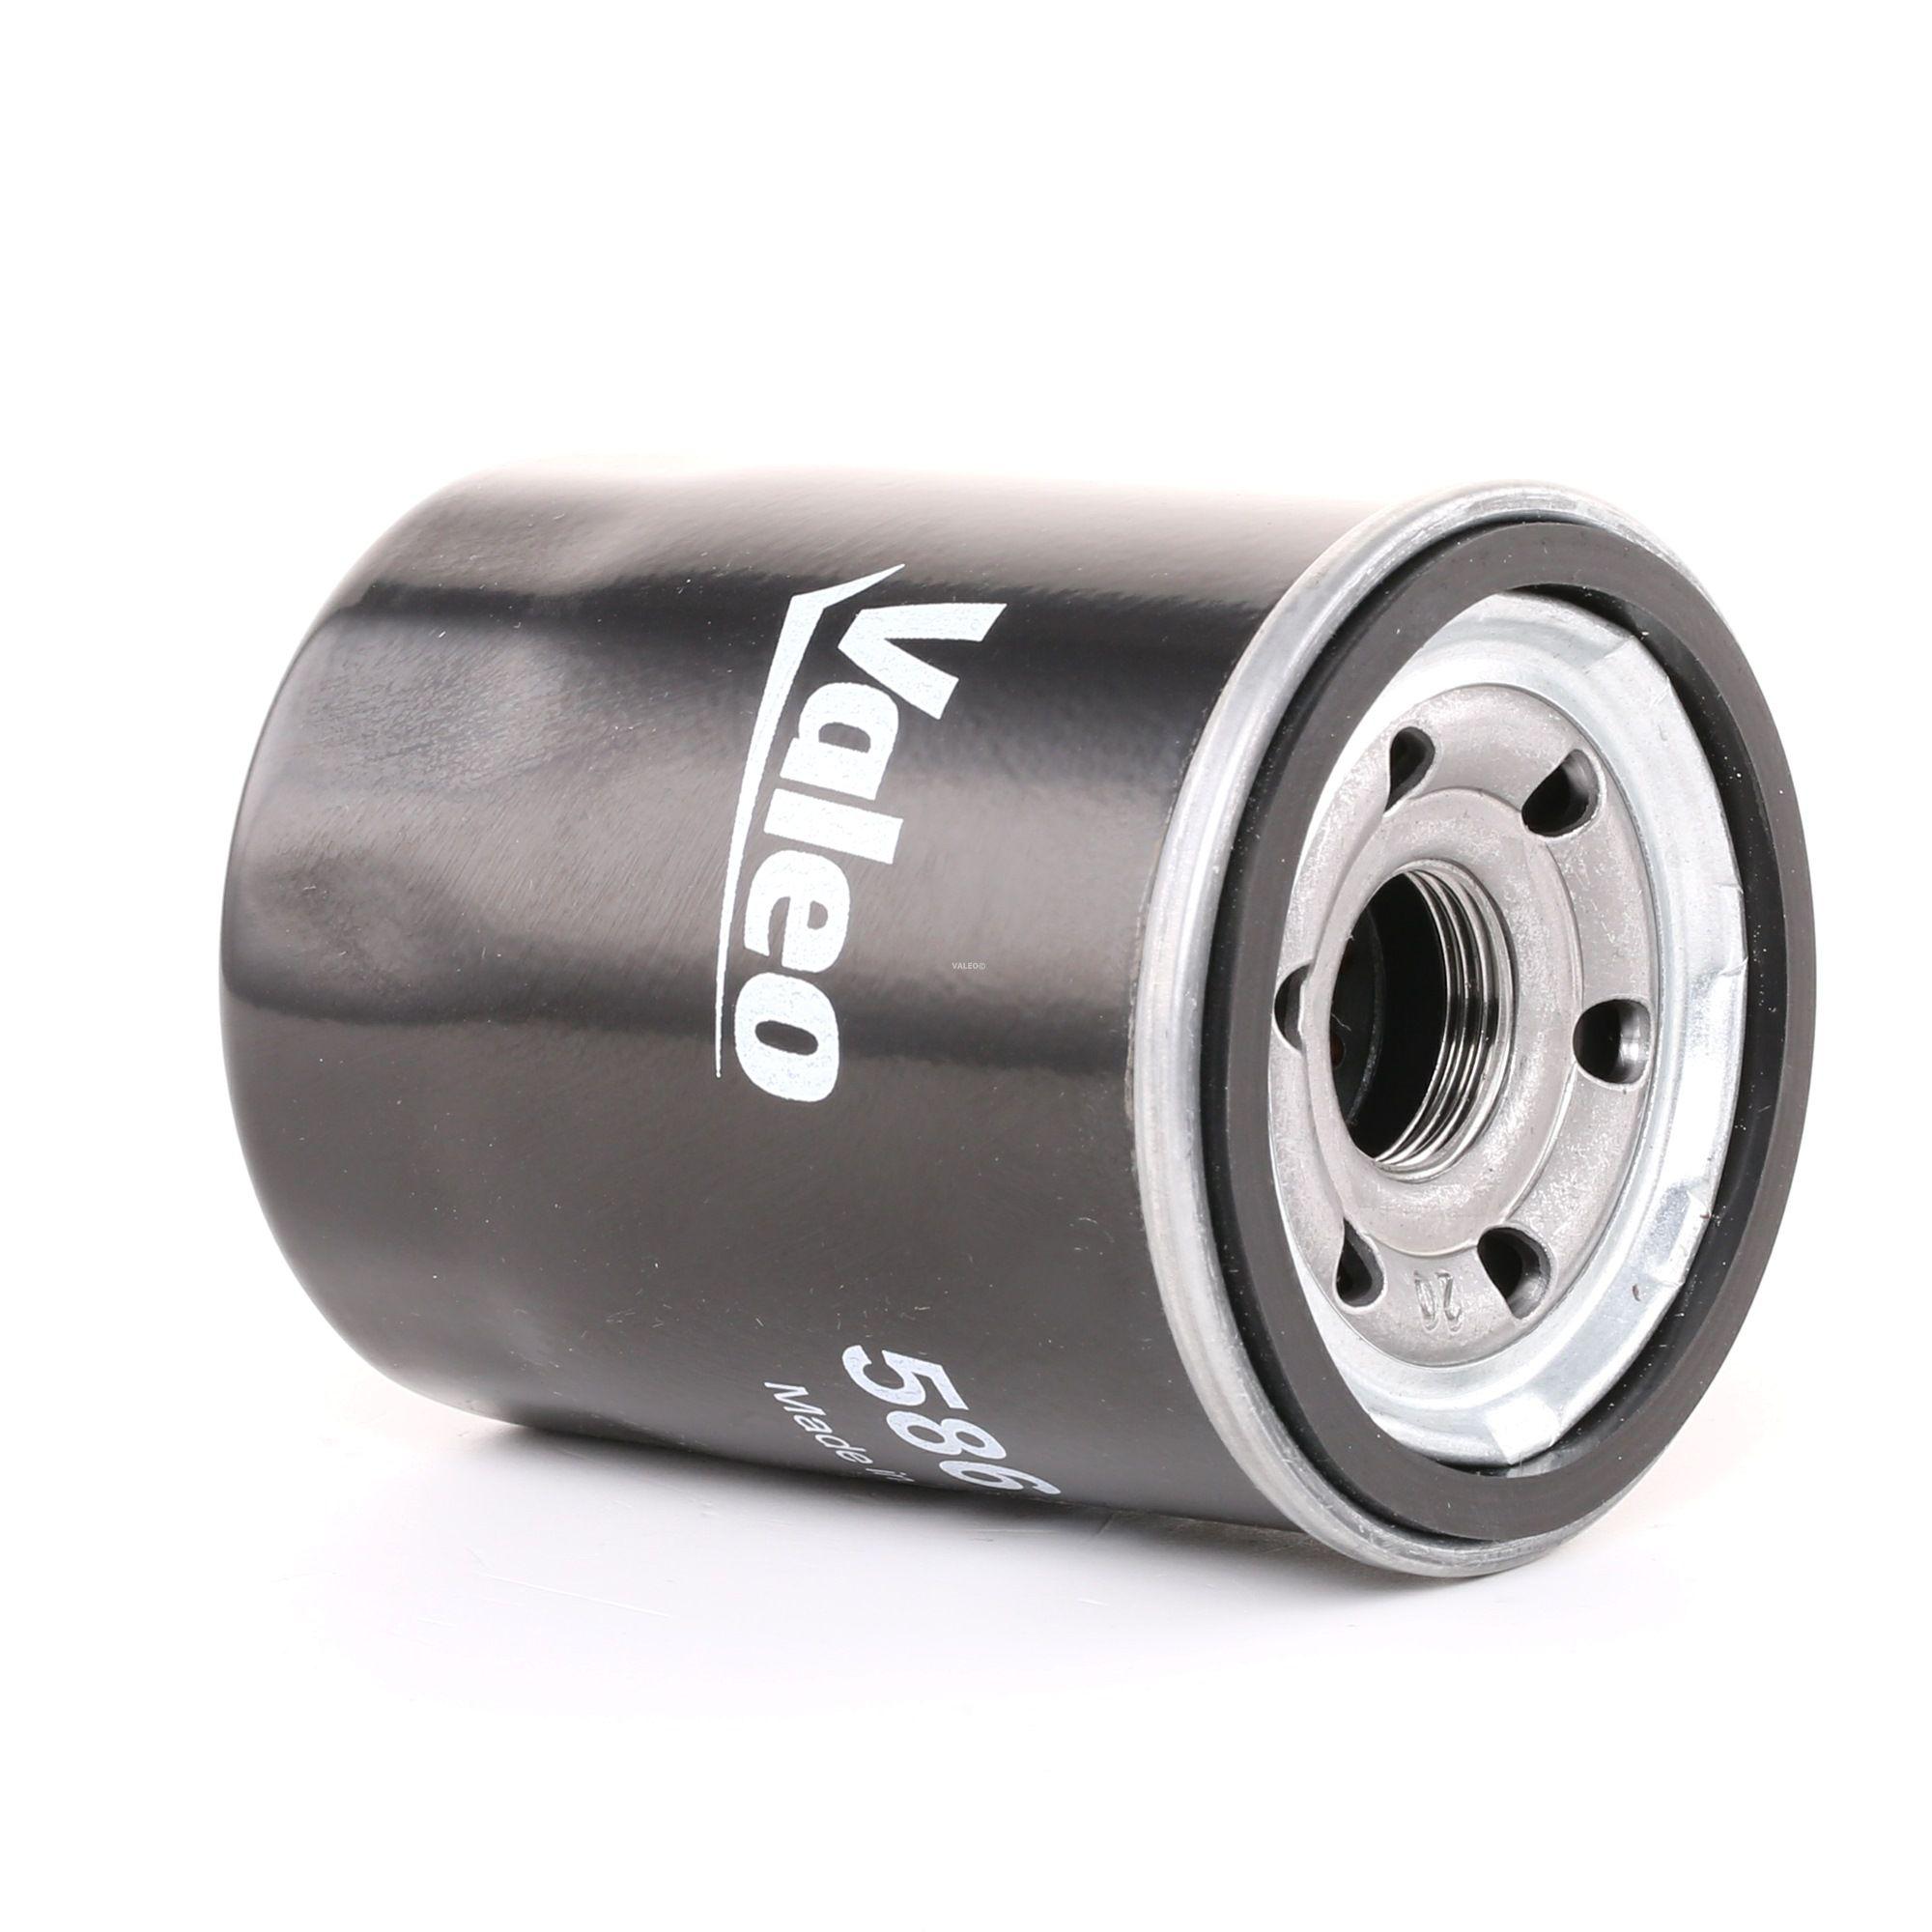 586021 VALEO Anschraubfilter Innendurchmesser 2: 63mm, Innendurchmesser 2: 55mm, Ø: 69,5mm, Höhe: 85mm Ölfilter 586021 günstig kaufen